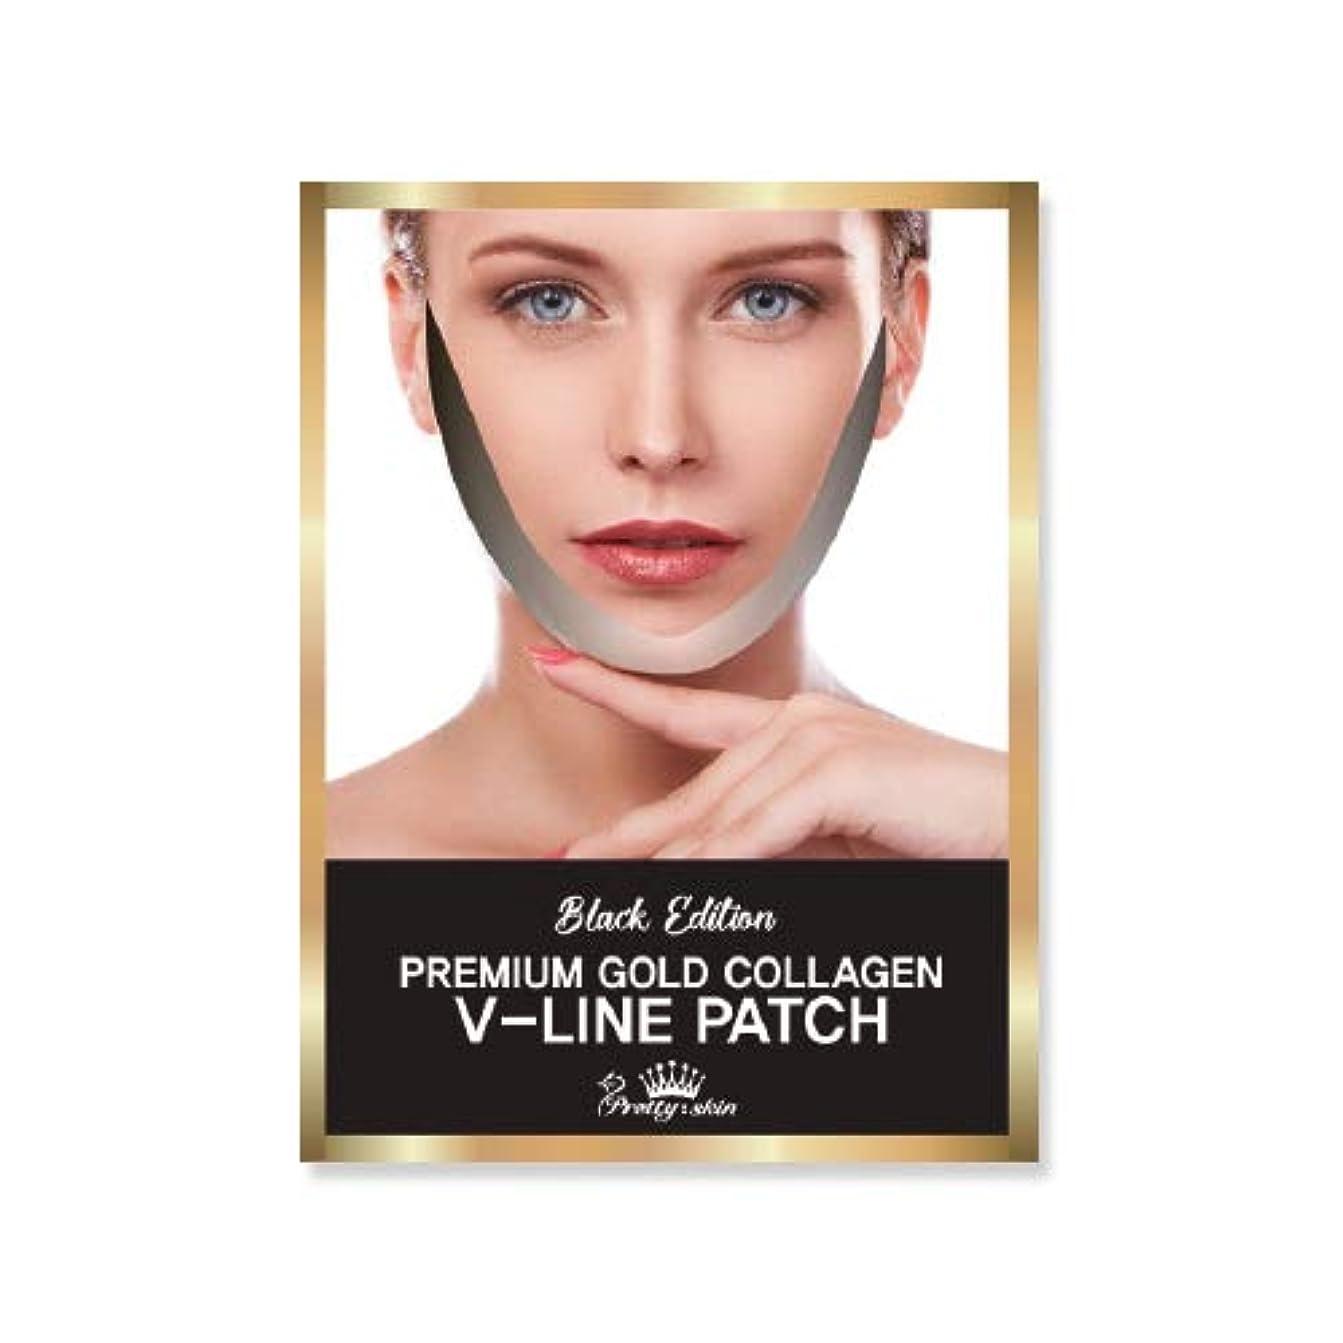 哺乳類マイクロプロセッサ被るpretty skin プリティスキン V-LINE PATCH ブイラインパッチ リフトアップ マスク (5枚組, ブラック)